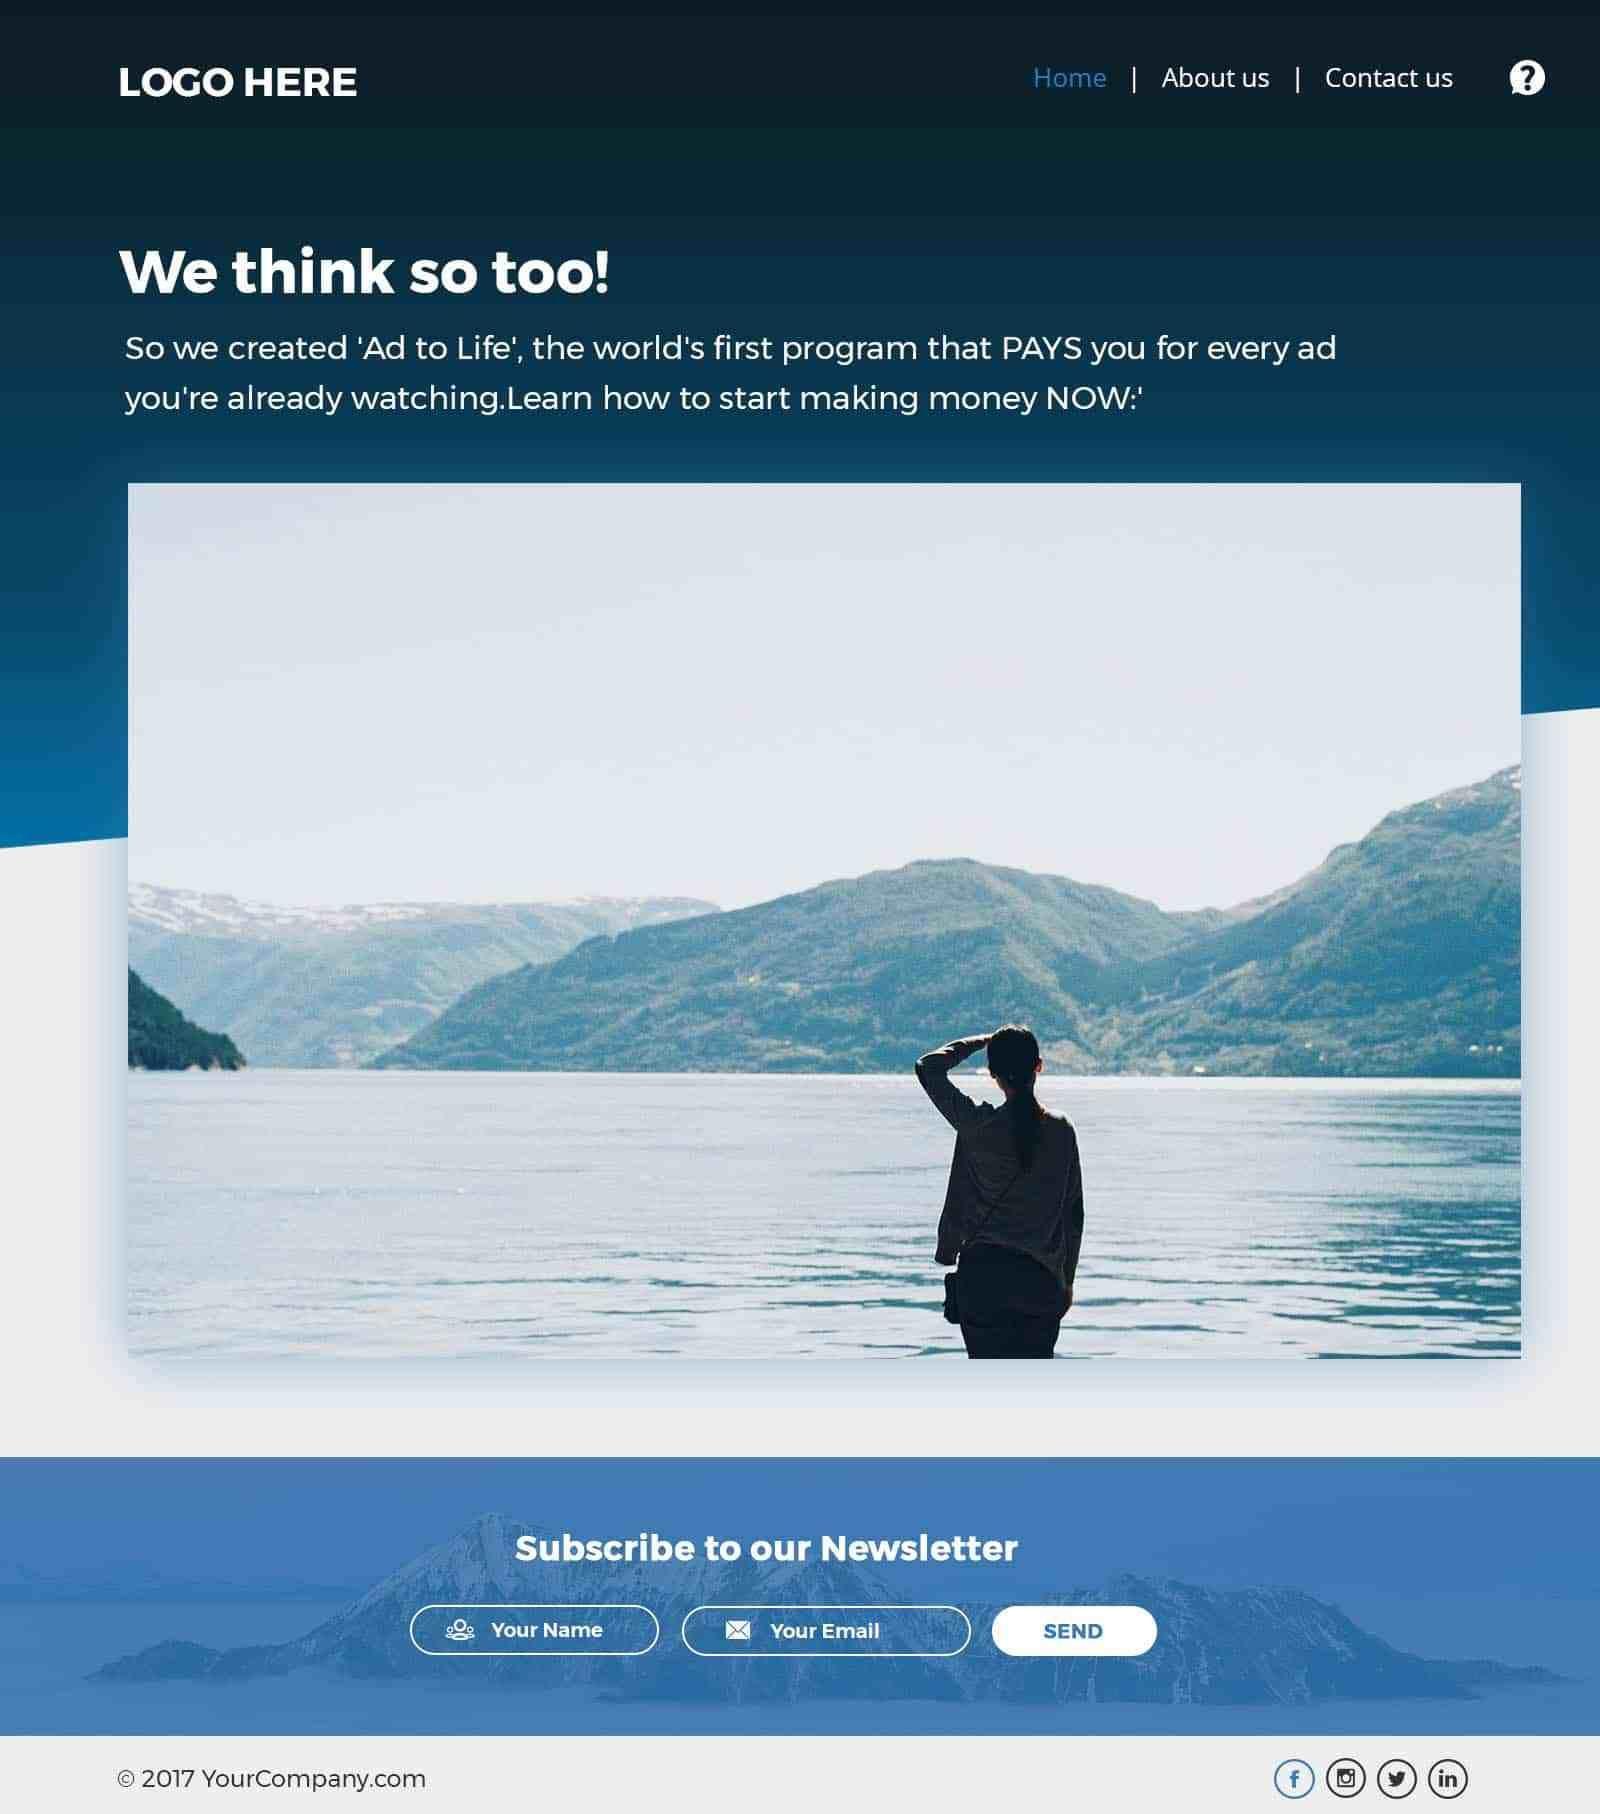 Psd Website Design Website Design Website Mockup Website Mockup Design Psdwebsite Website Desig Website Mockup Website Design Free Creative Website Design